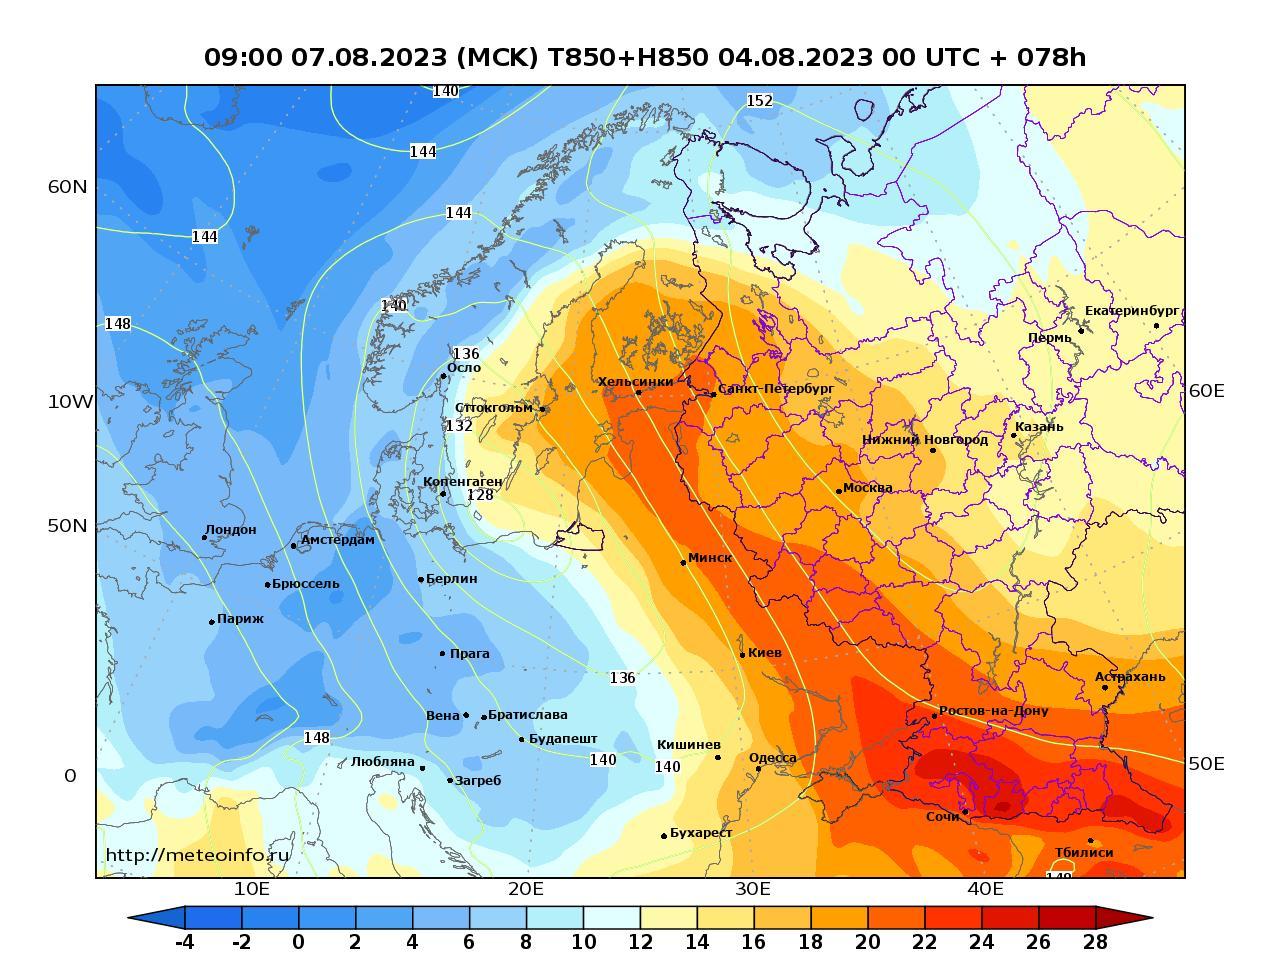 Европейская территория России, прогностическая карта температура T850 и геопотенциал H850, заблаговременность прогноза 78 часов